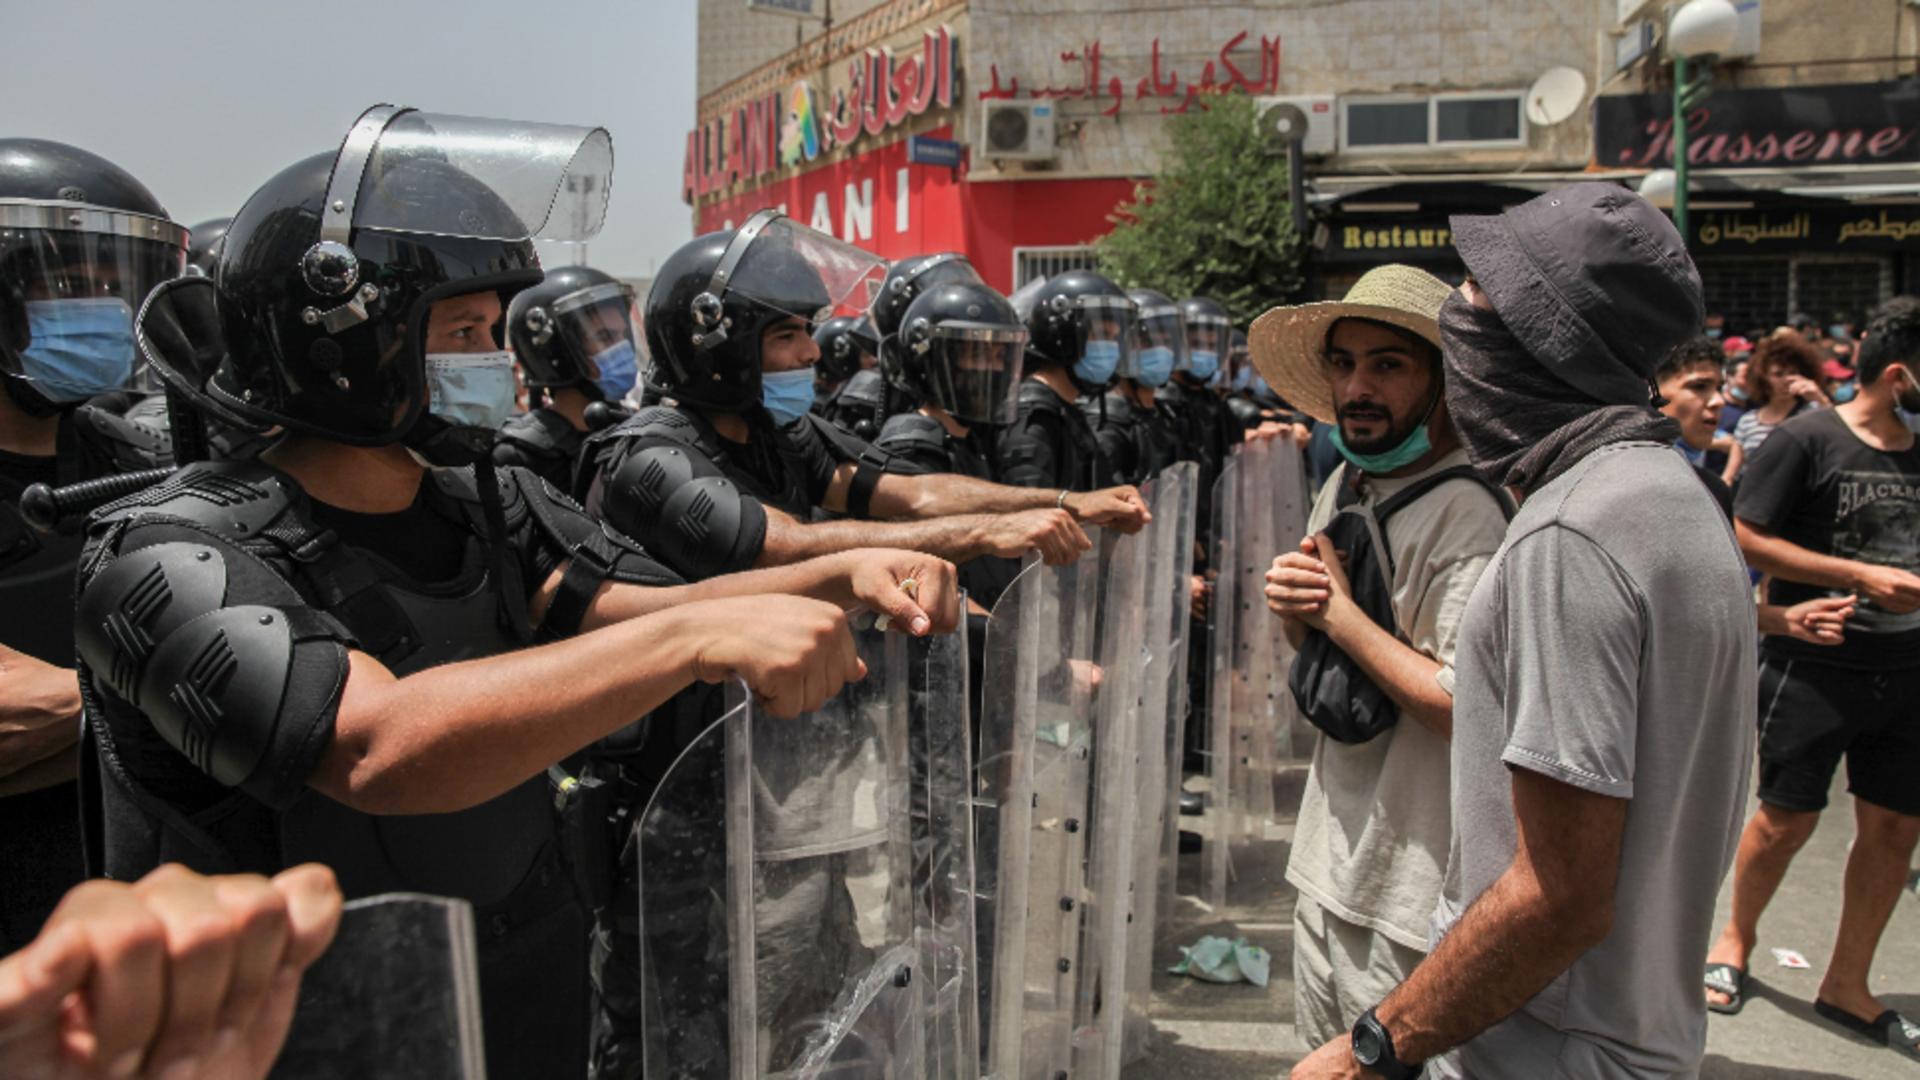 Președintele Tunisiei l-a demis pe premier, după ce au izbucnit proteste violente în toată țara / Foto: Profi Media